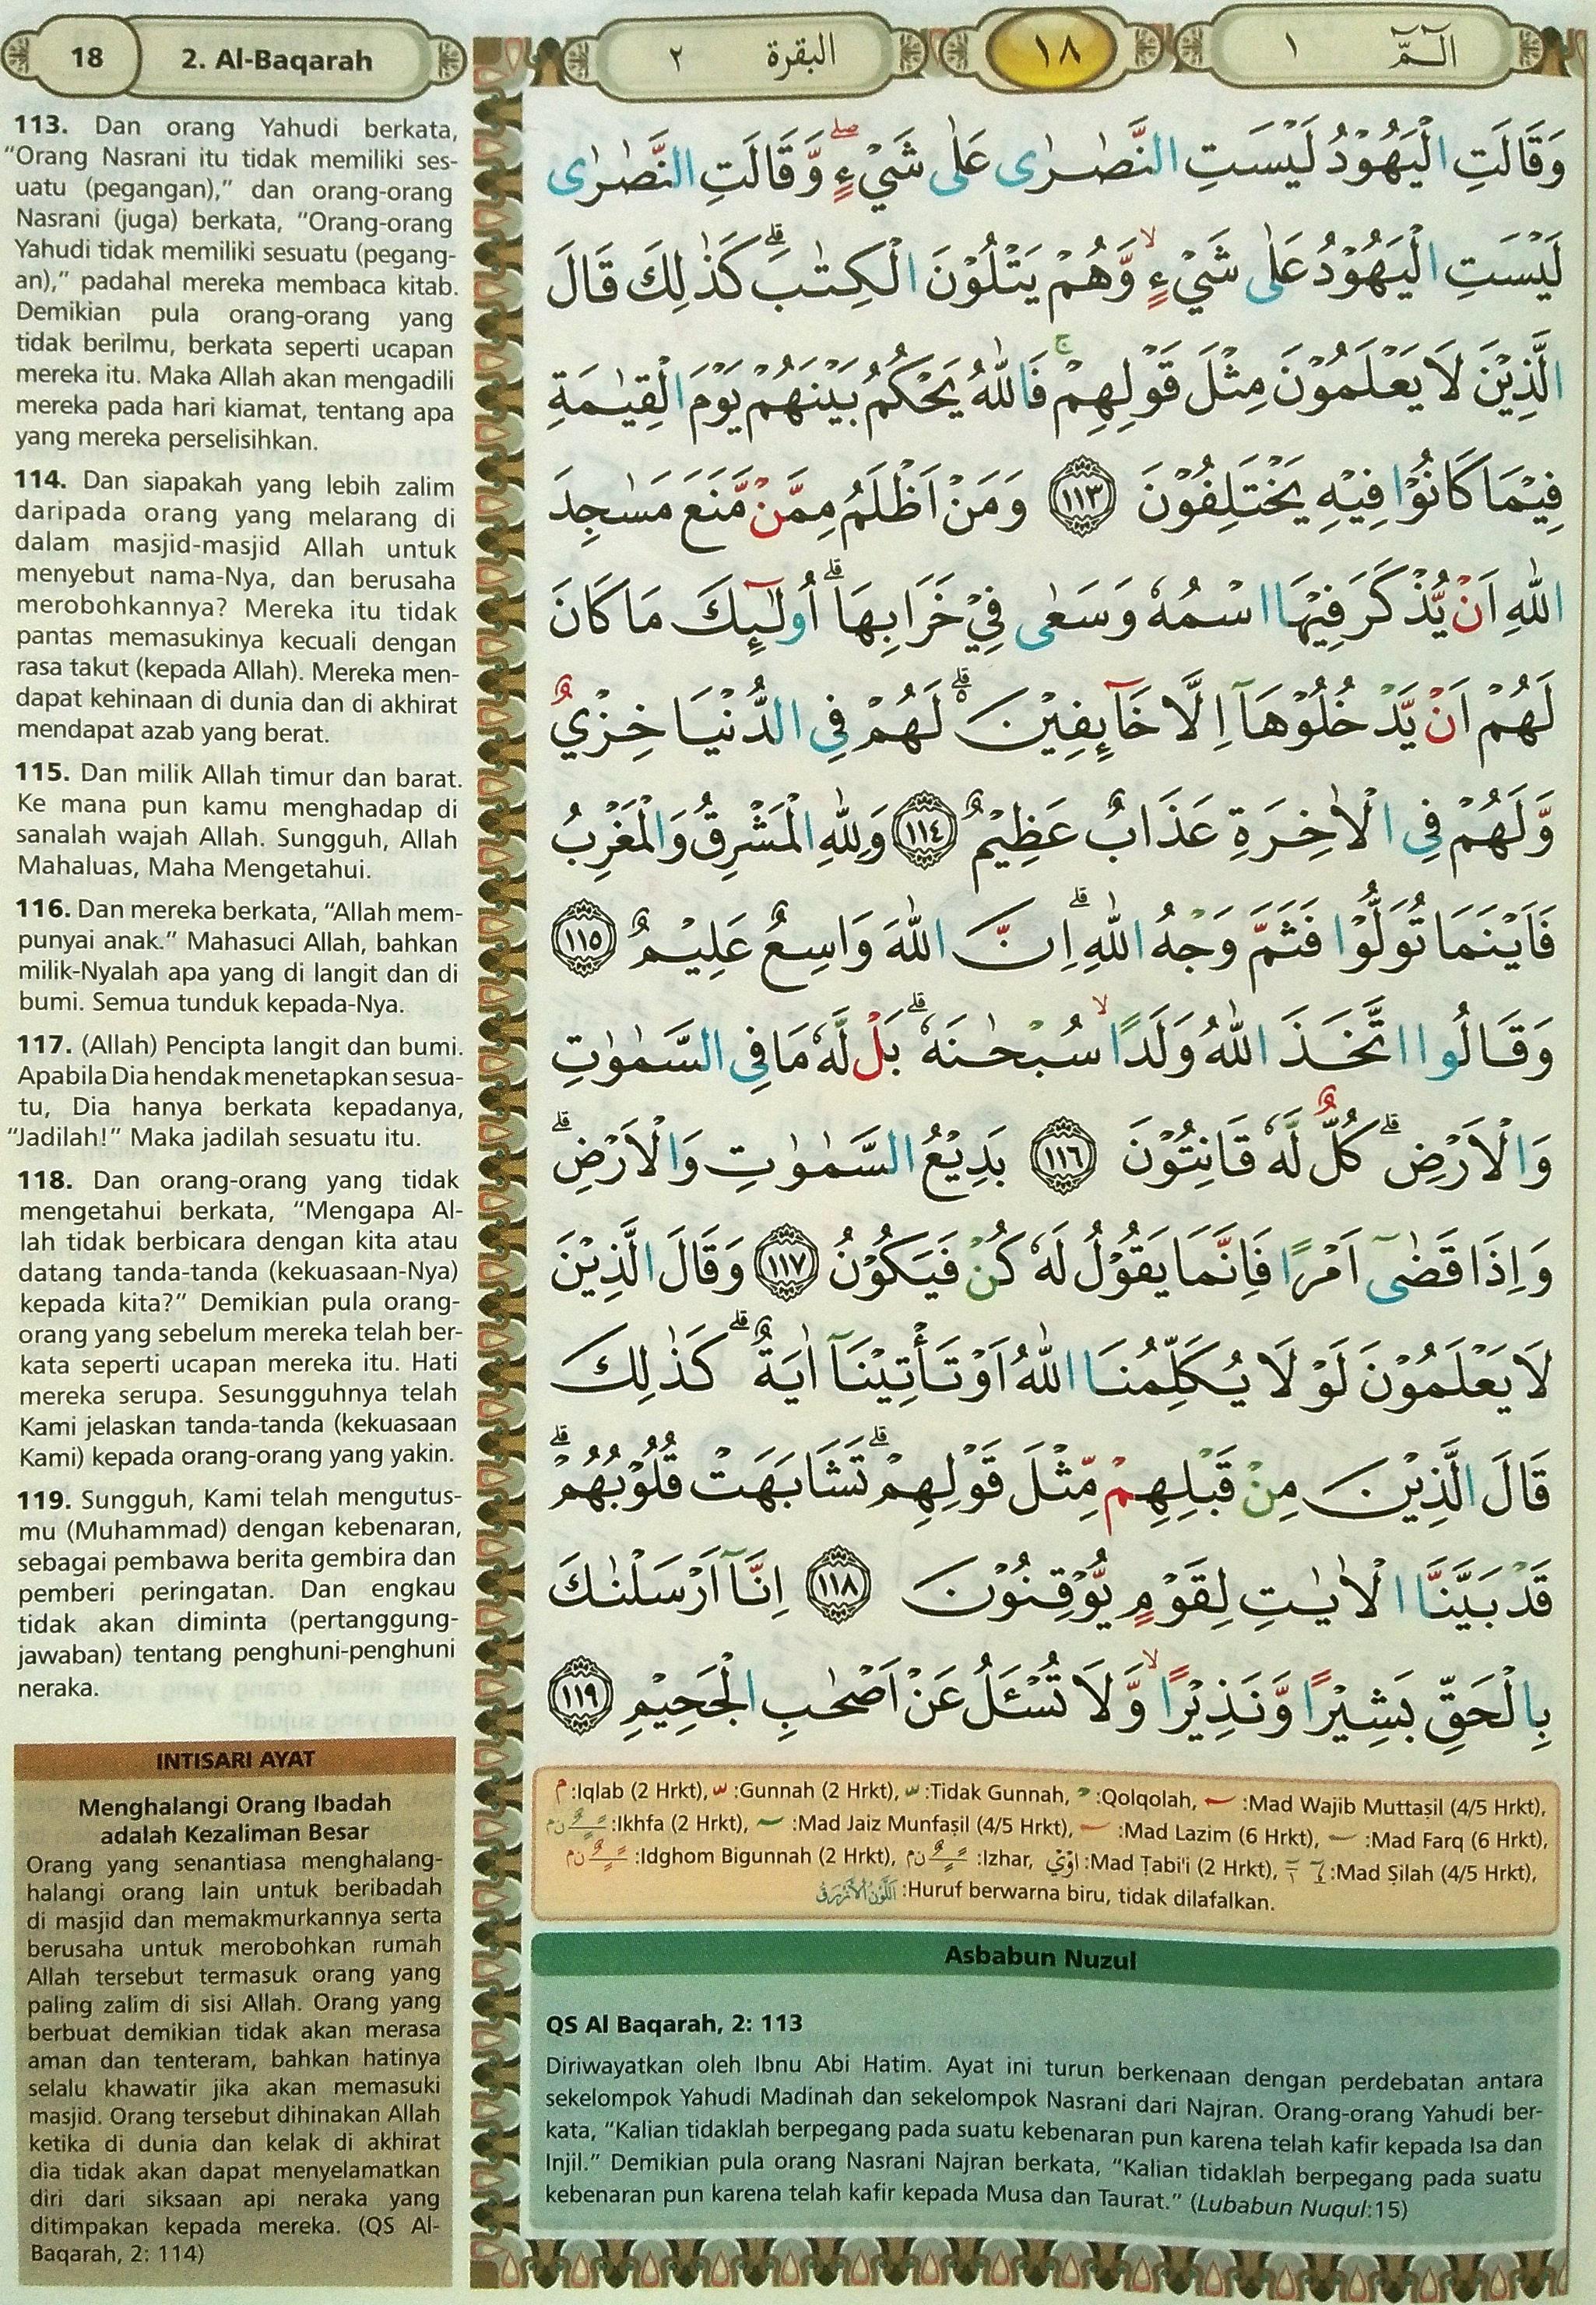 Al Baqarah 113-119